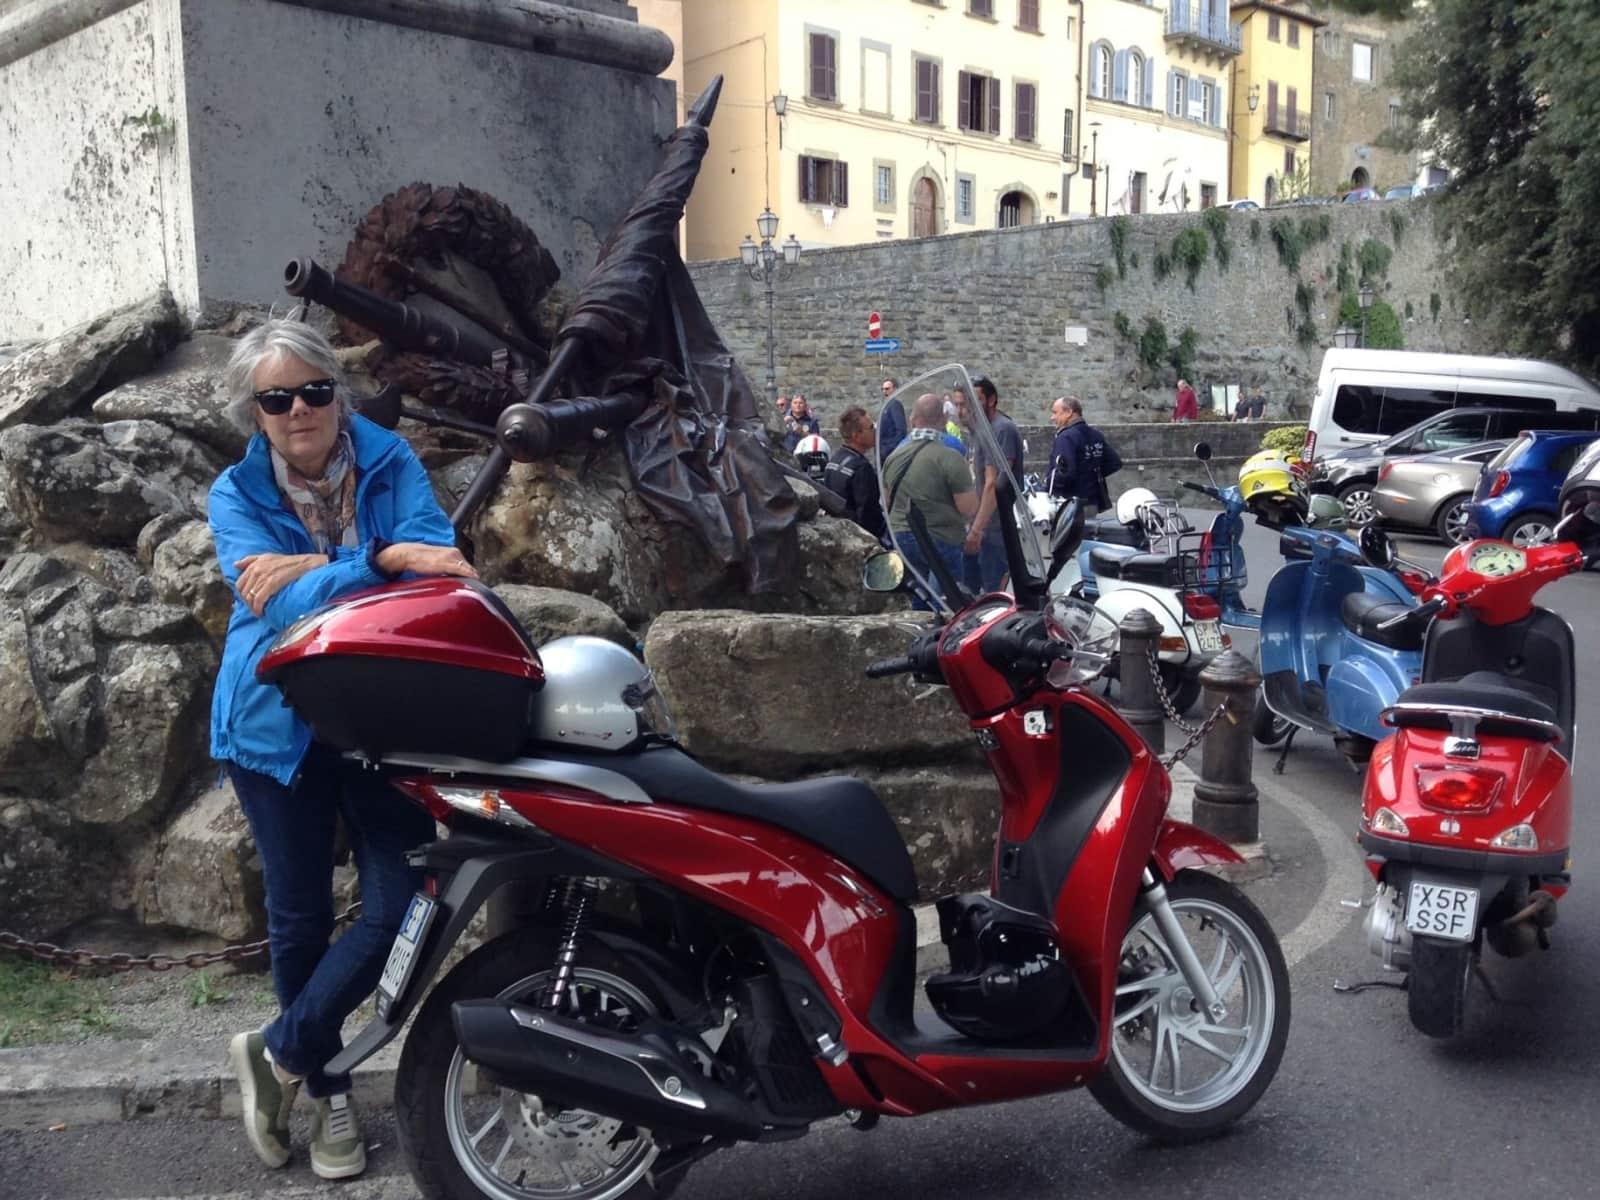 Linda & C from Chiusi, Italy